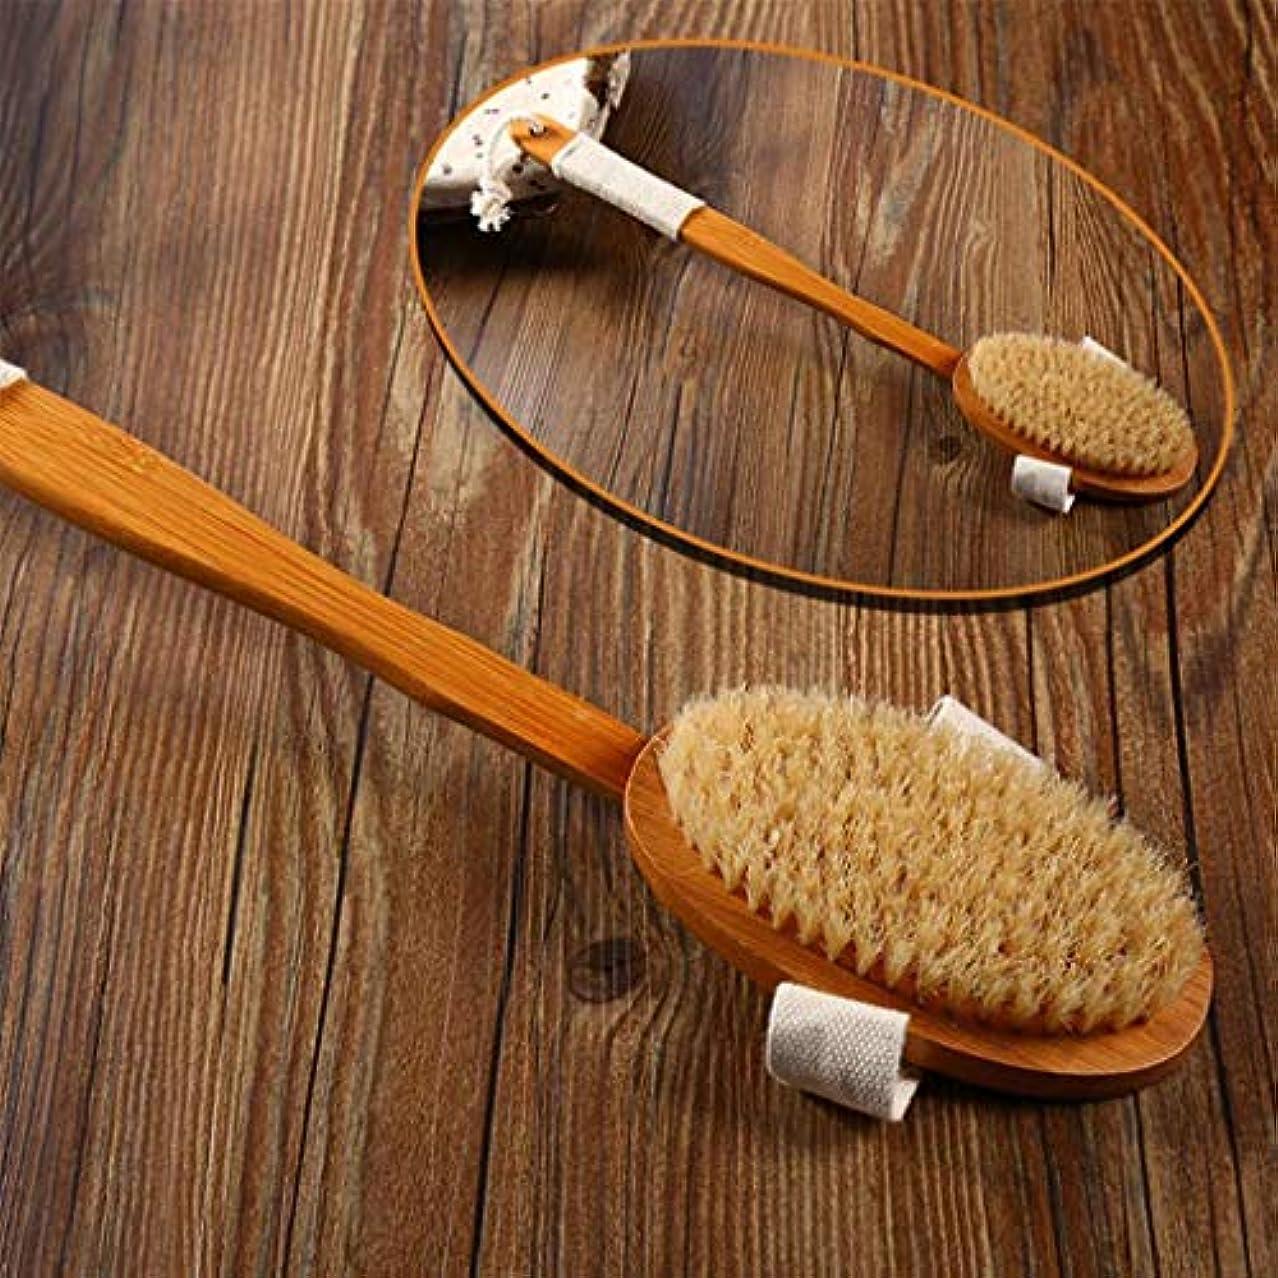 モナリザ永久に理論的ボディブラシナチュラル剛毛バスブラシロングハンドル木製剛毛ソフトヘアラブバックシャワーブラシ角質マッサージブラシを取り外します